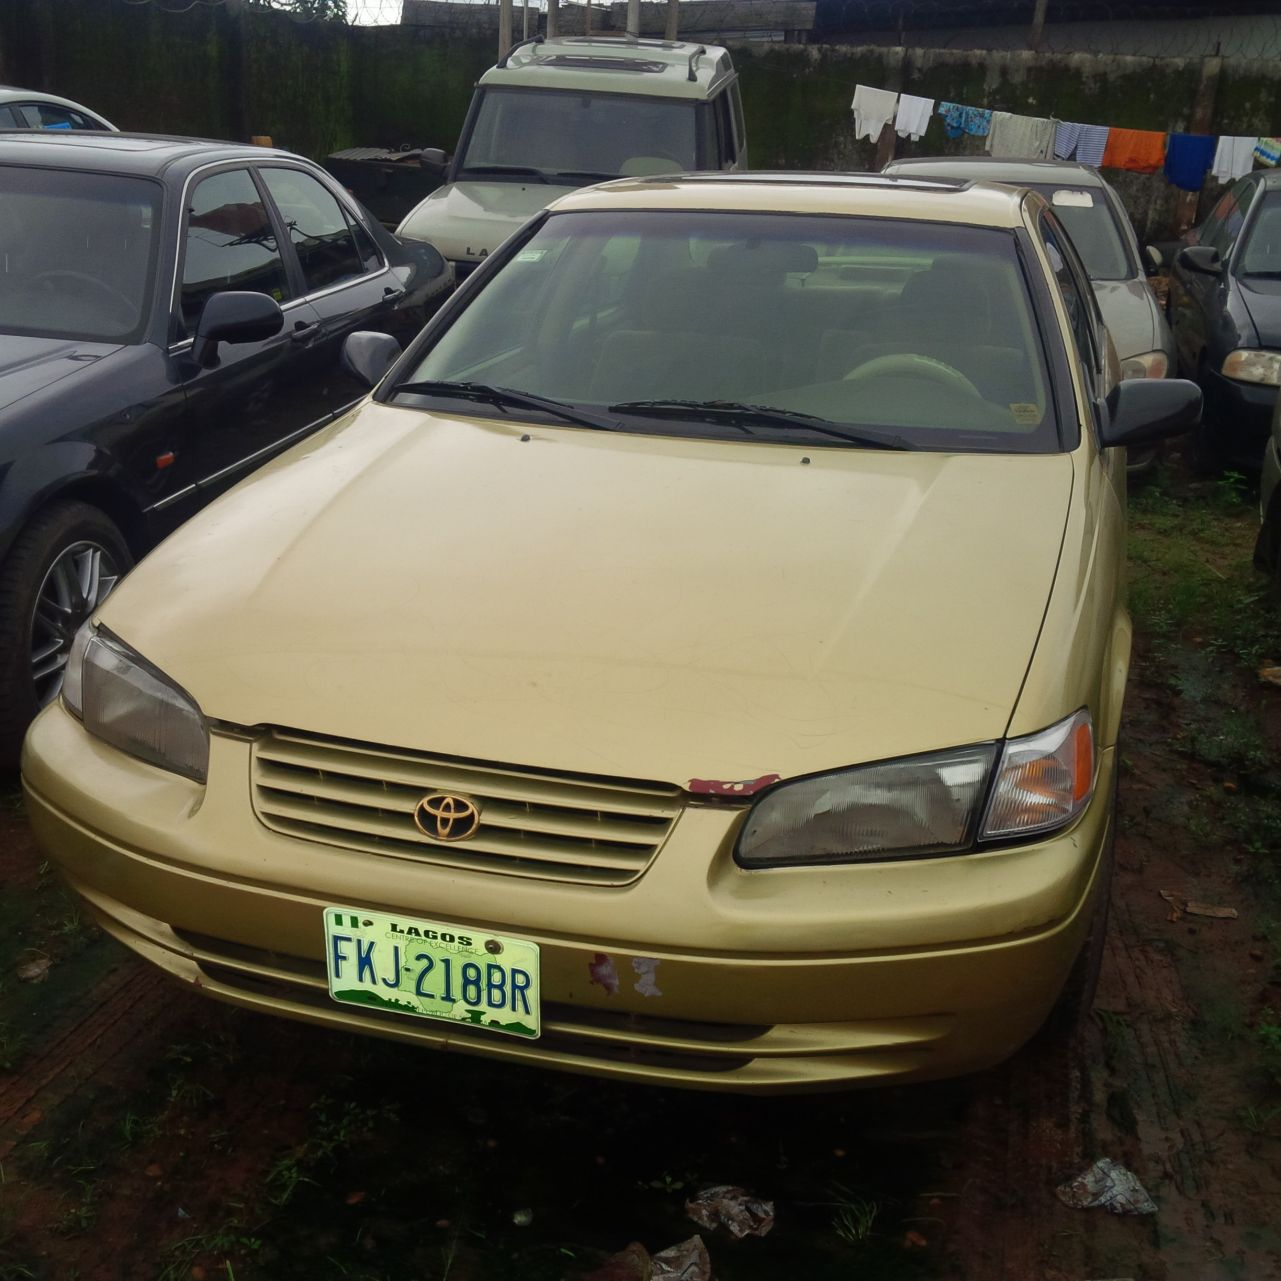 brand new toyota camry price in nigeria cara reset ecu grand avanza very clean pencil 560k autos